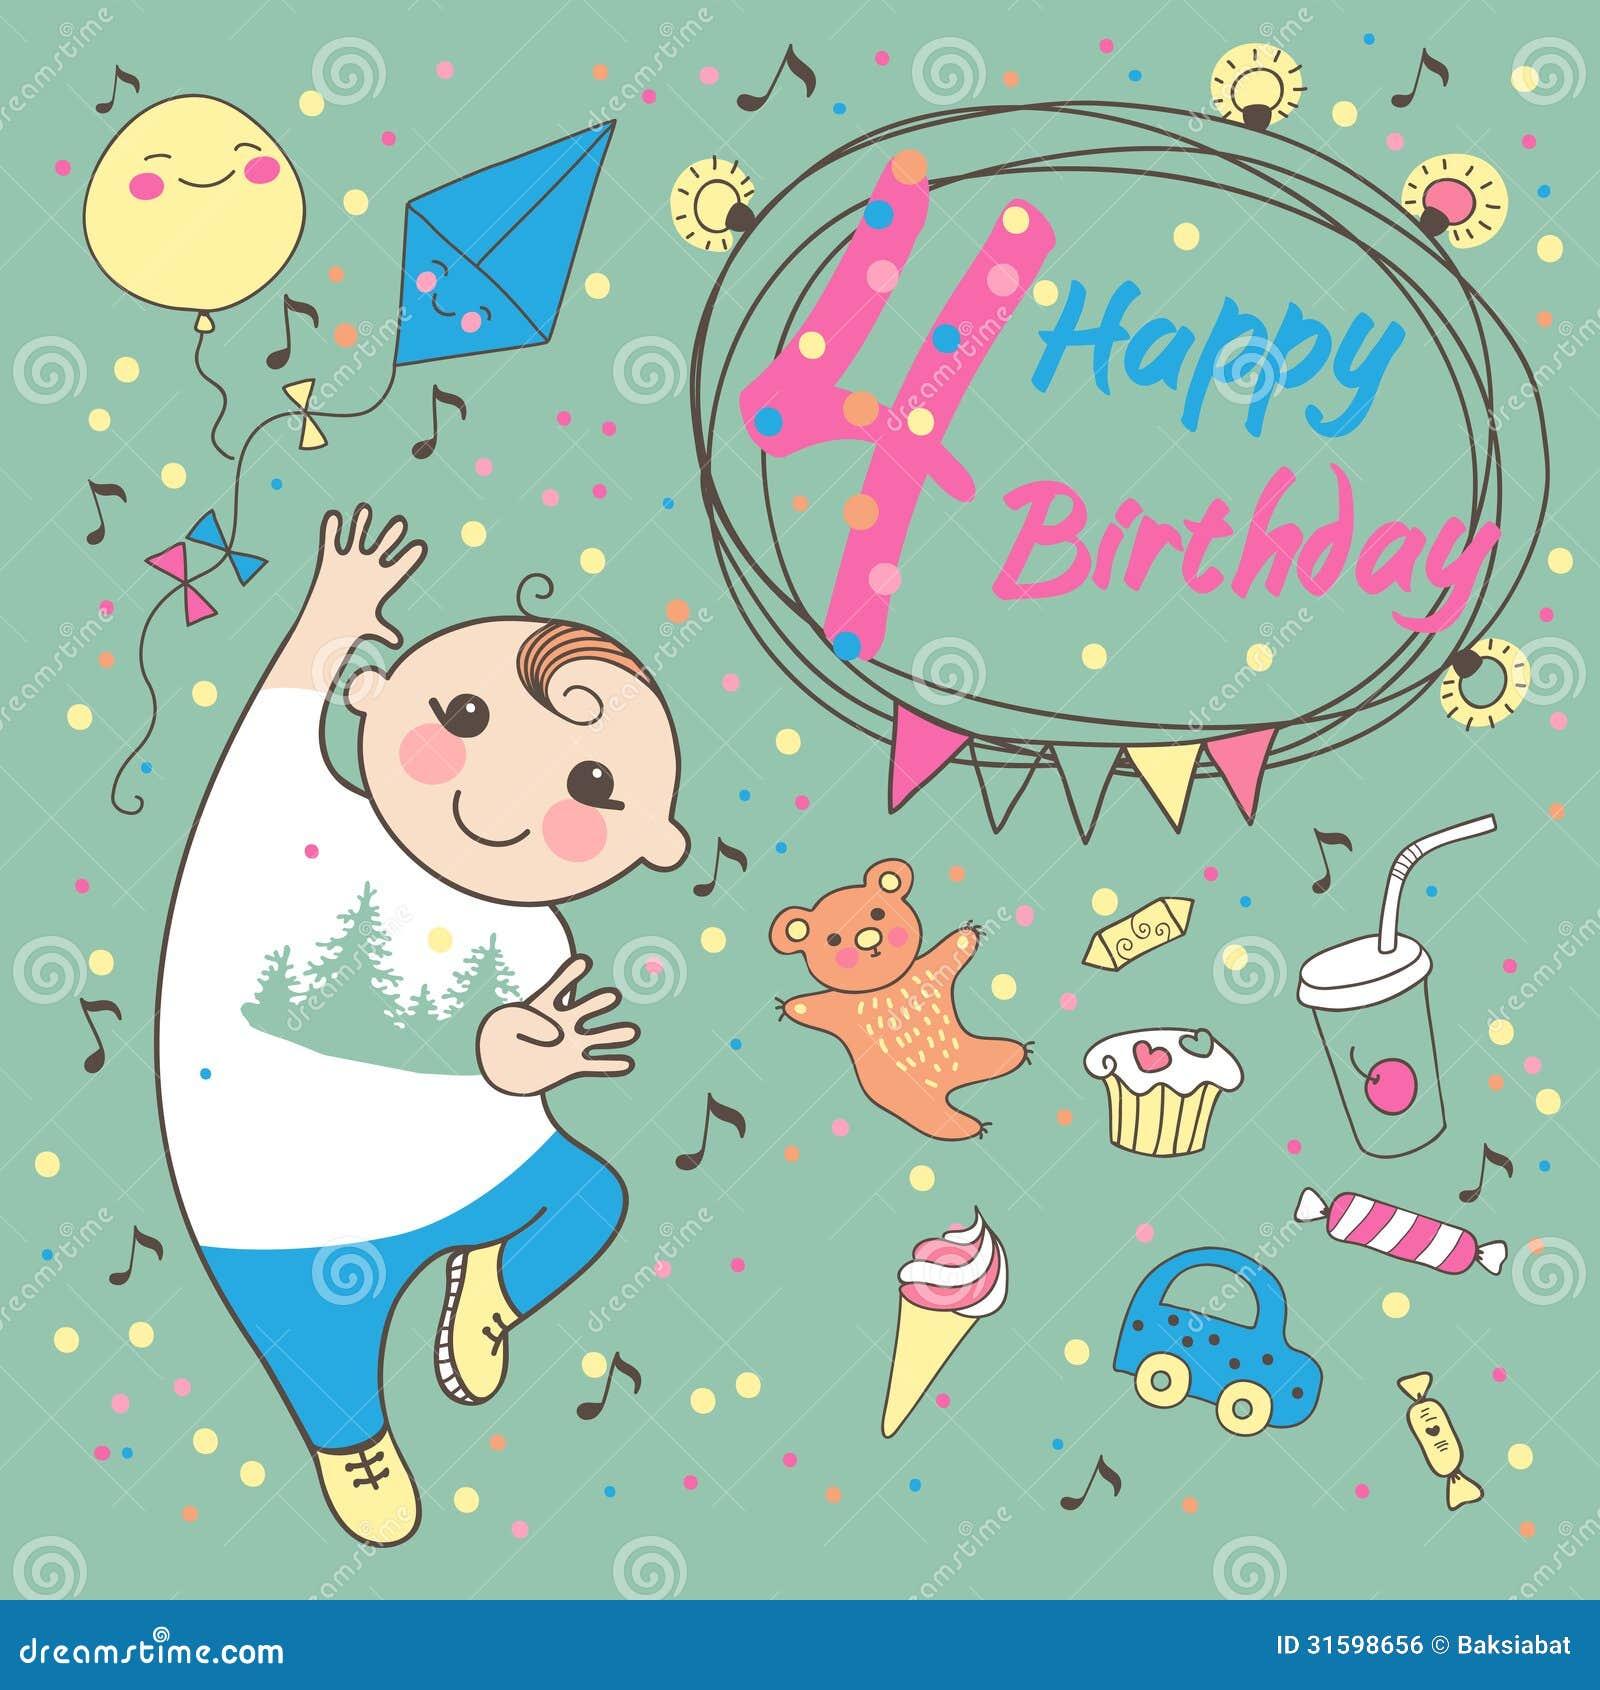 Verjaardag van de kleine jongen 4 jaar groetkaart royalty vrije stock afbeelding beeld 31598656 - Jaar oude kamer van de jongen ...